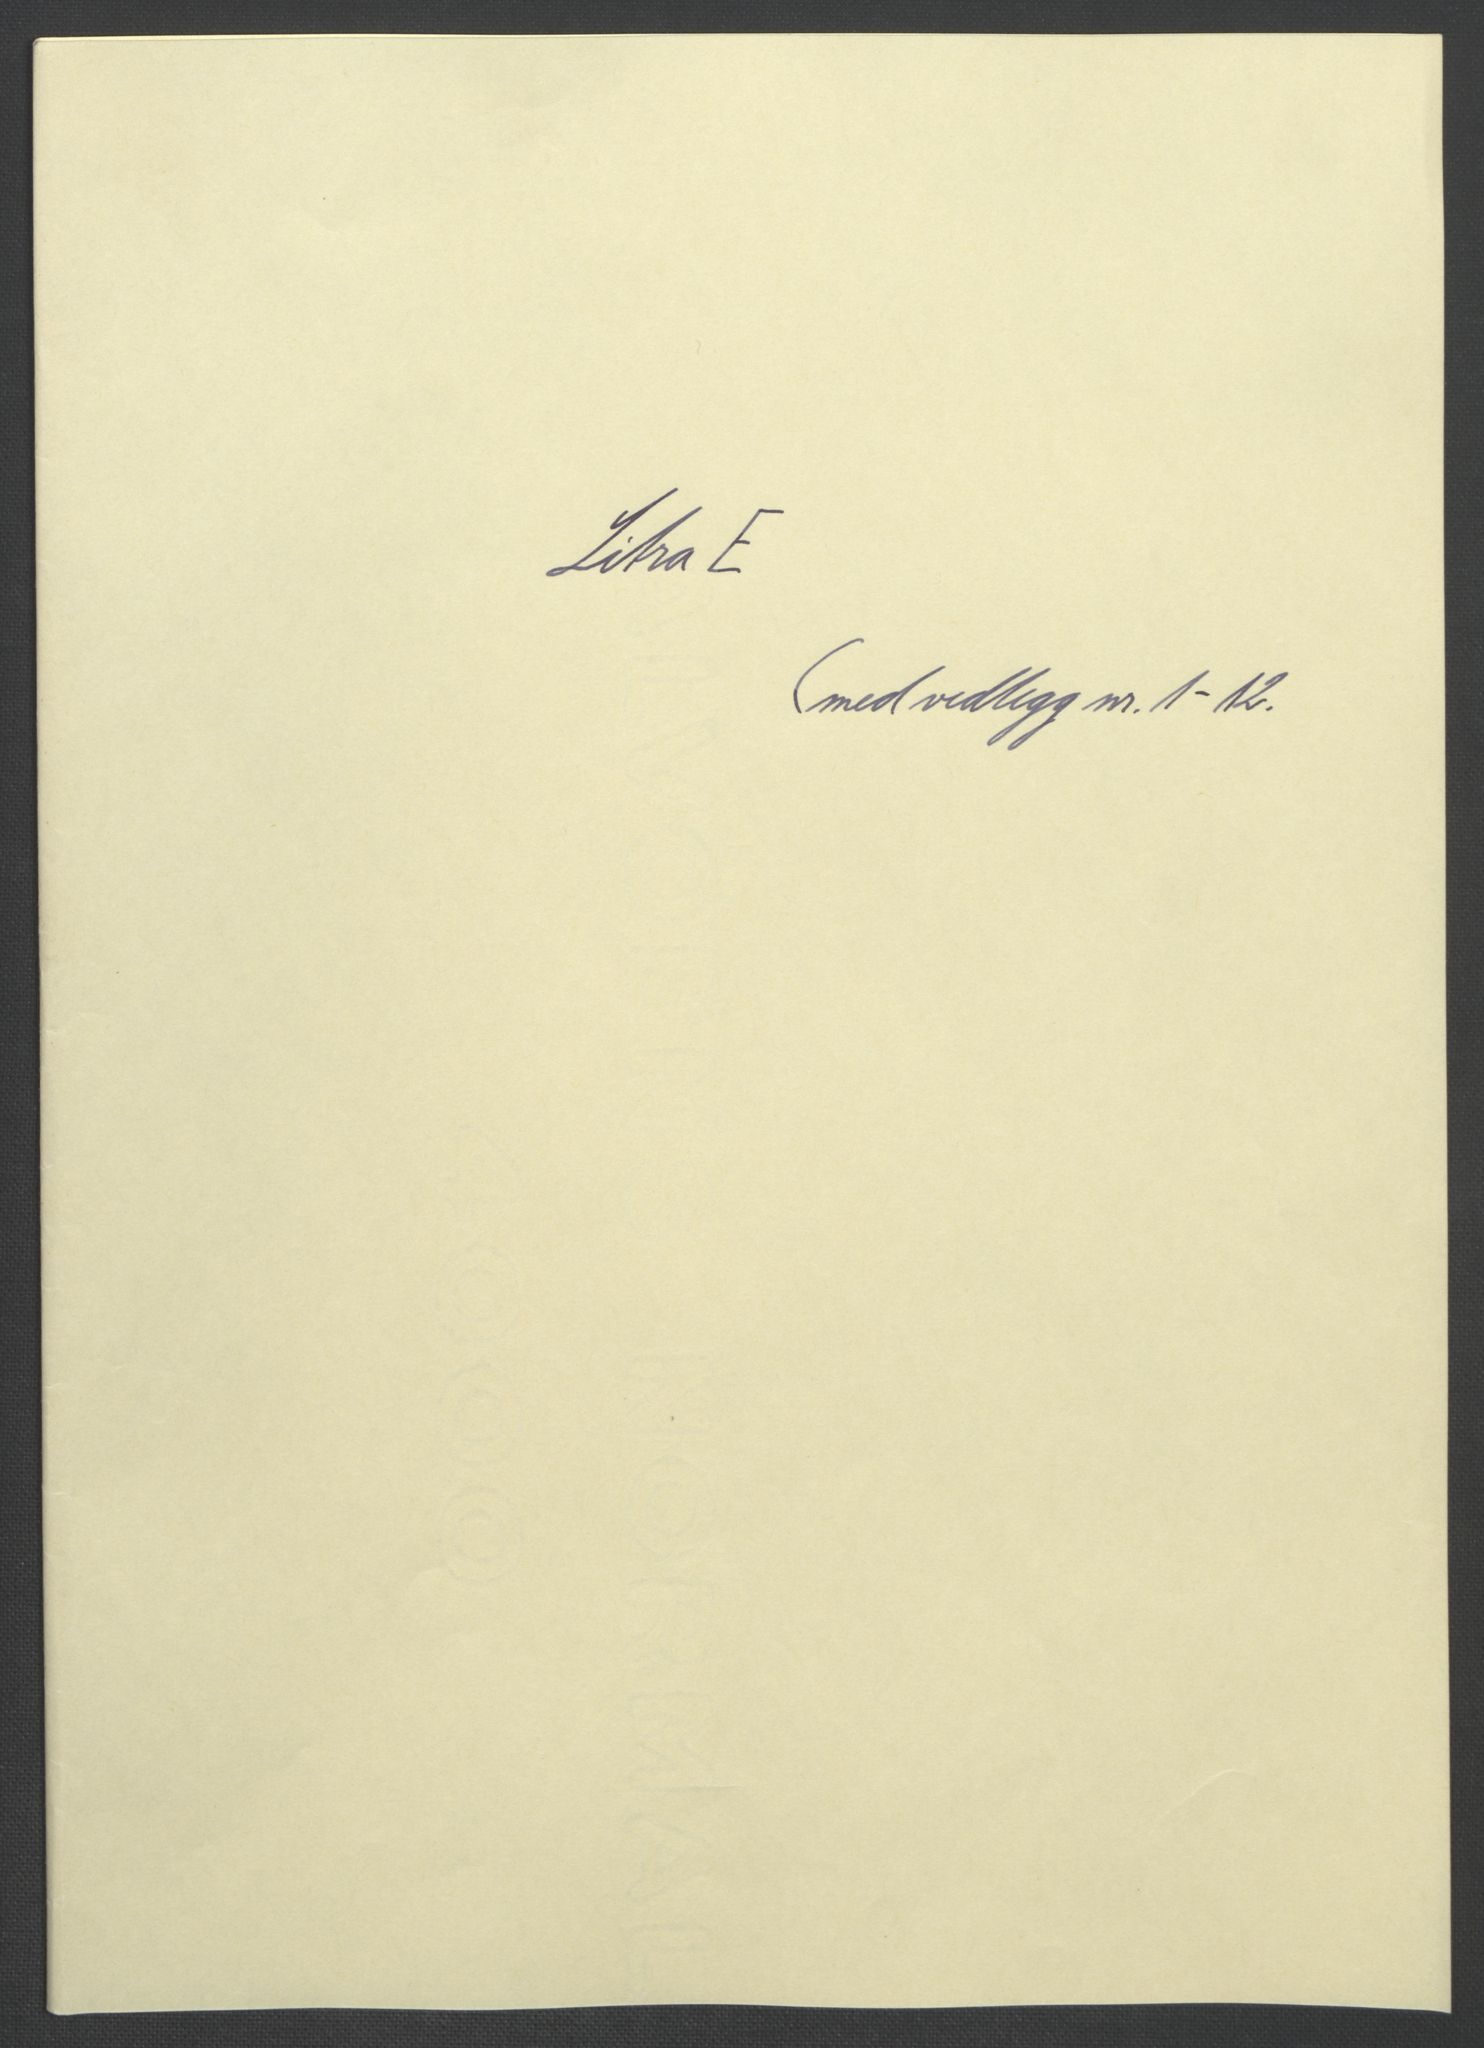 RA, Rentekammeret inntil 1814, Reviderte regnskaper, Fogderegnskap, R47/L2857: Fogderegnskap Ryfylke, 1694-1696, s. 20